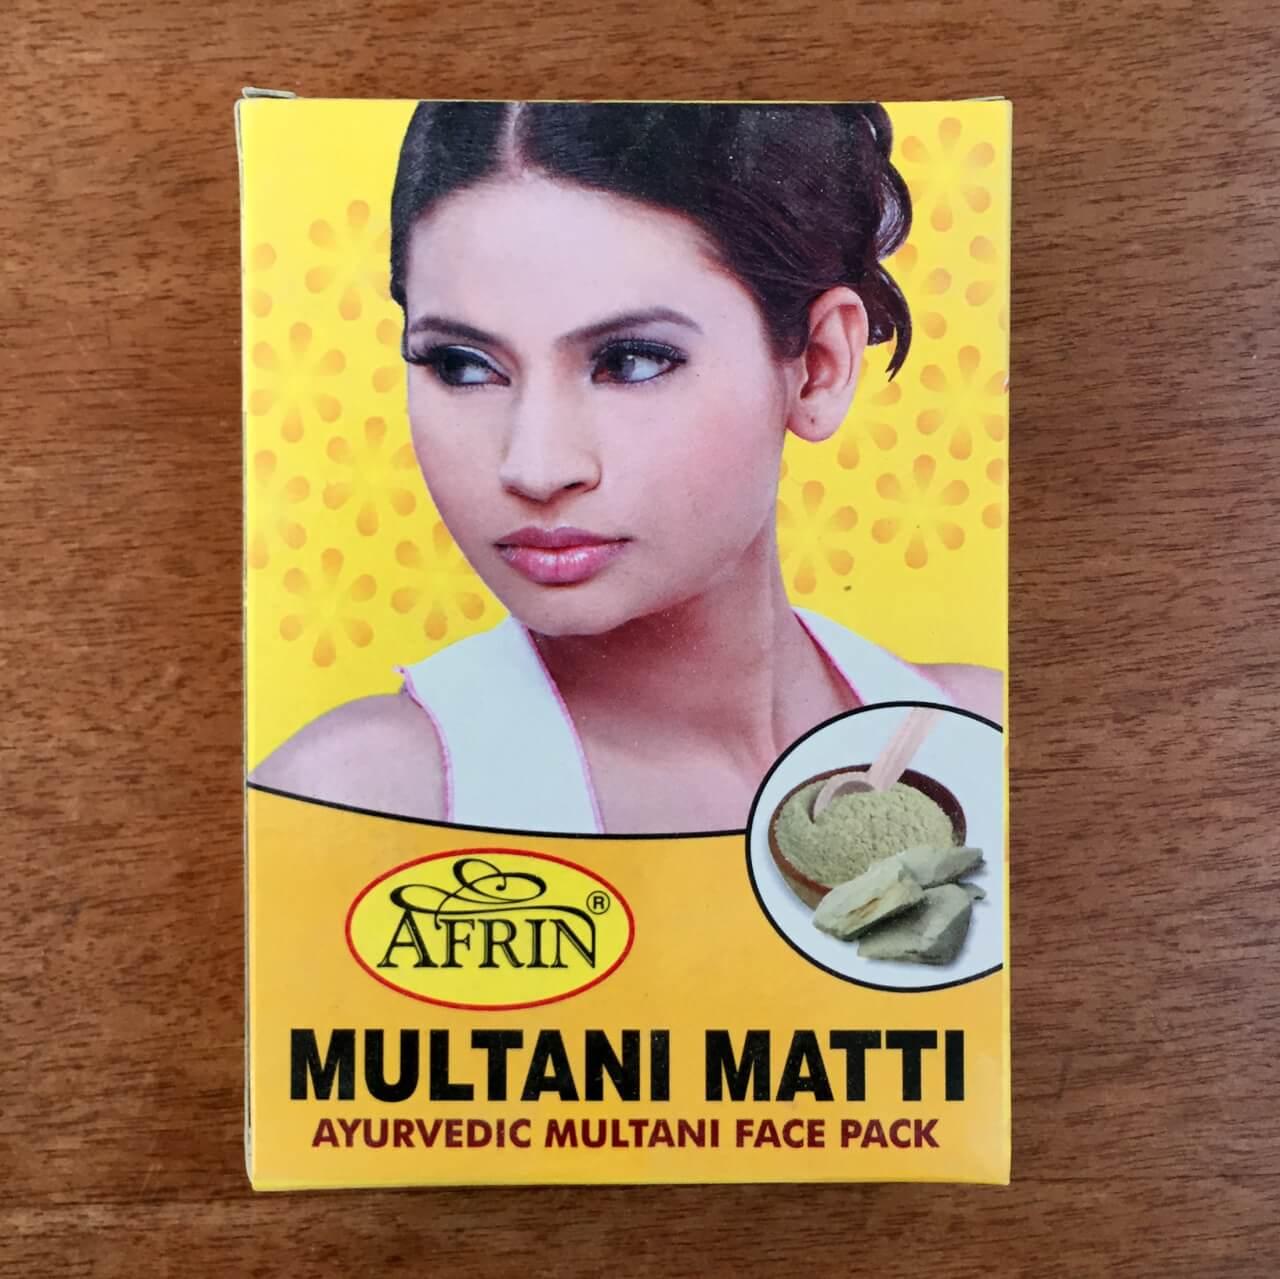 美肌アーユルヴェーダドクター推奨のフェイスケア「ムルタニミッティ Multani Mitti」